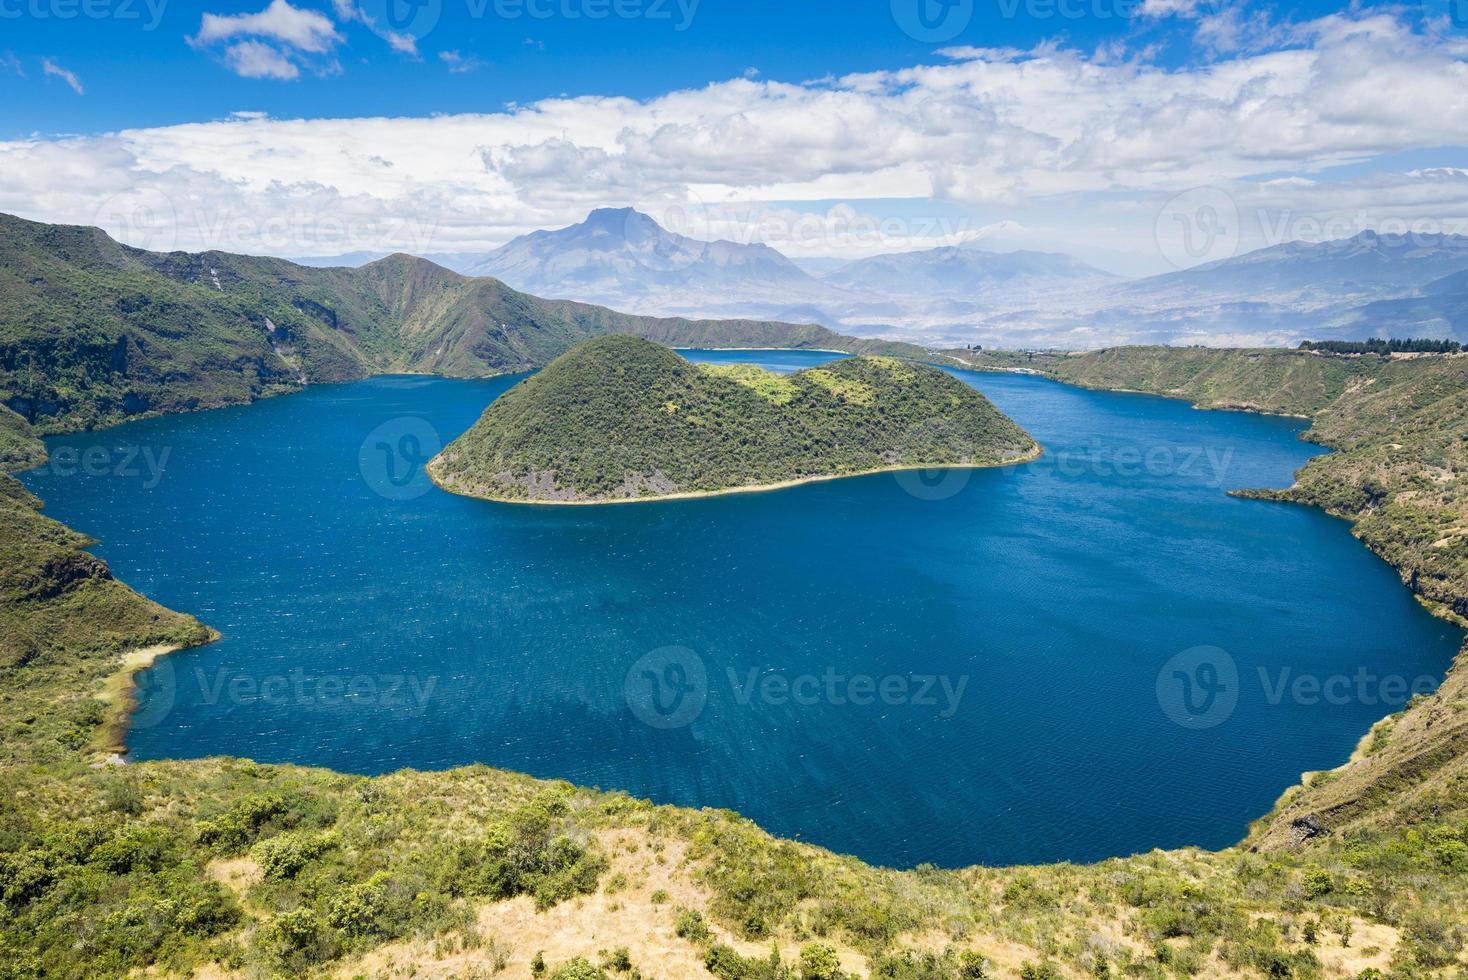 Lac de cratère Cuicocha, réserve Cotacachi-Cayapas, Équateur photo